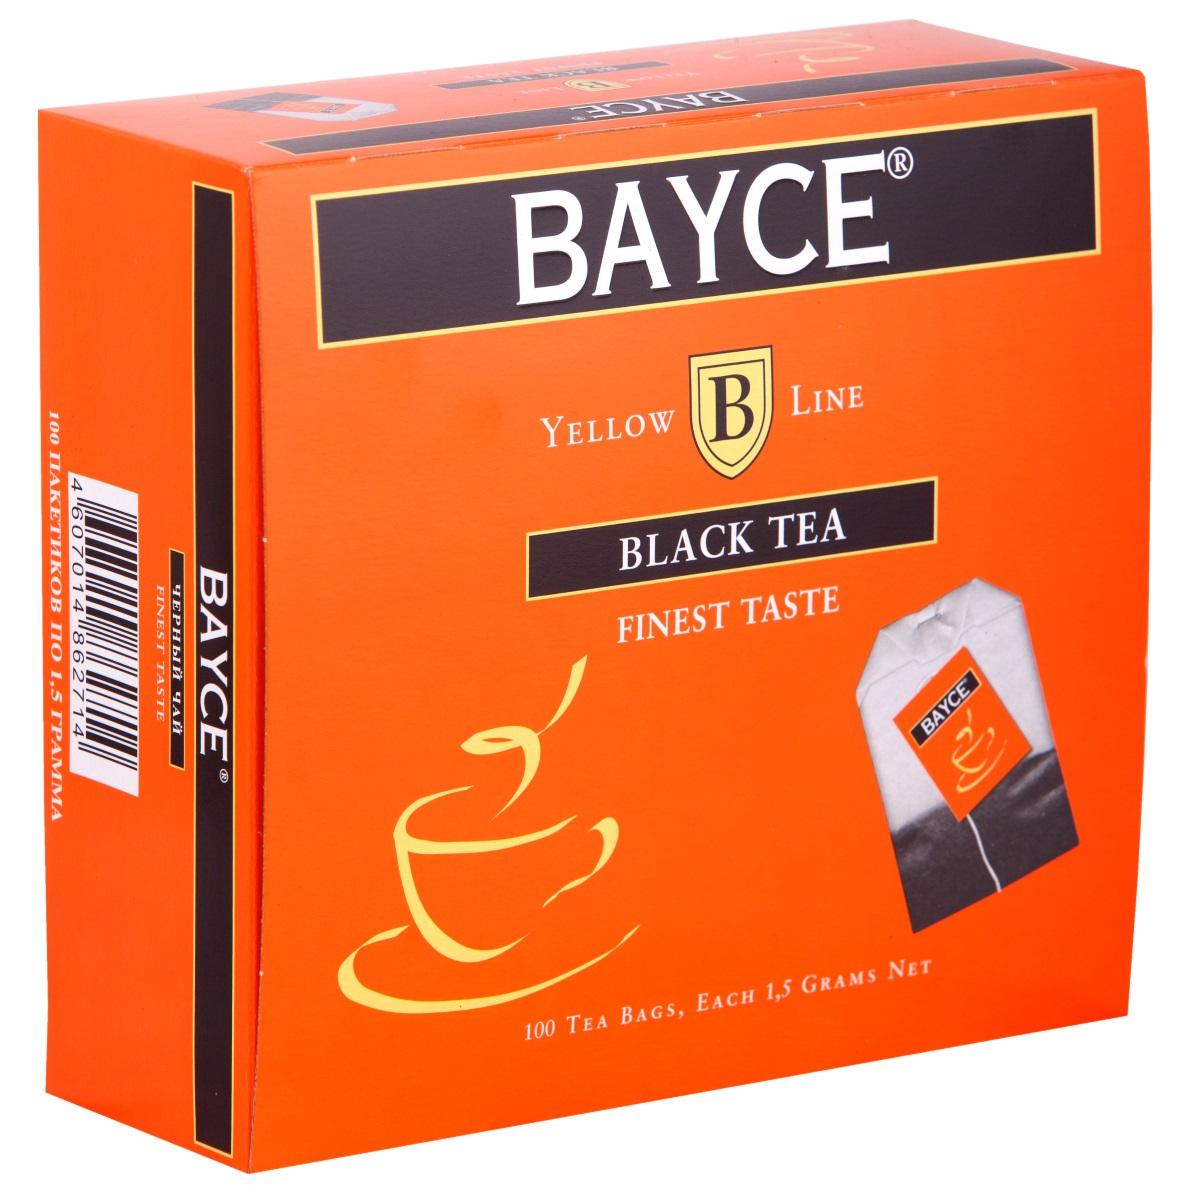 Bayce Файнест черный чай в пакетиках, 100 шт0120710Bayce Файнест - превосходный мелколистовой чай, собранный на лучших чайных плантациях Индии, Кении и острова Цейлон. Приятный вкус и полезные свойства делают этот сорт чая особенно привлекательным.